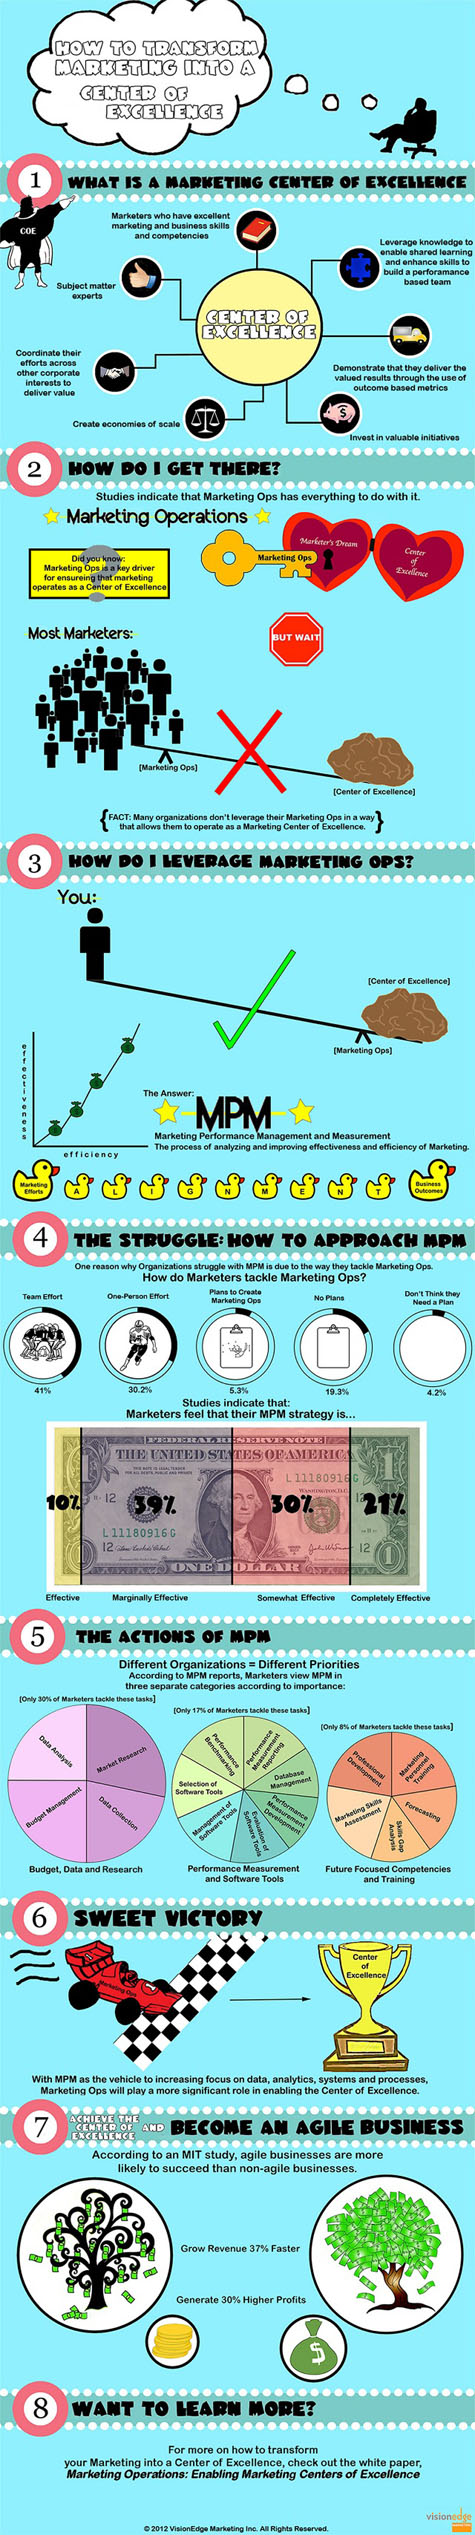 Cómo transformar las estrategias de marketing en un centro de excelencia